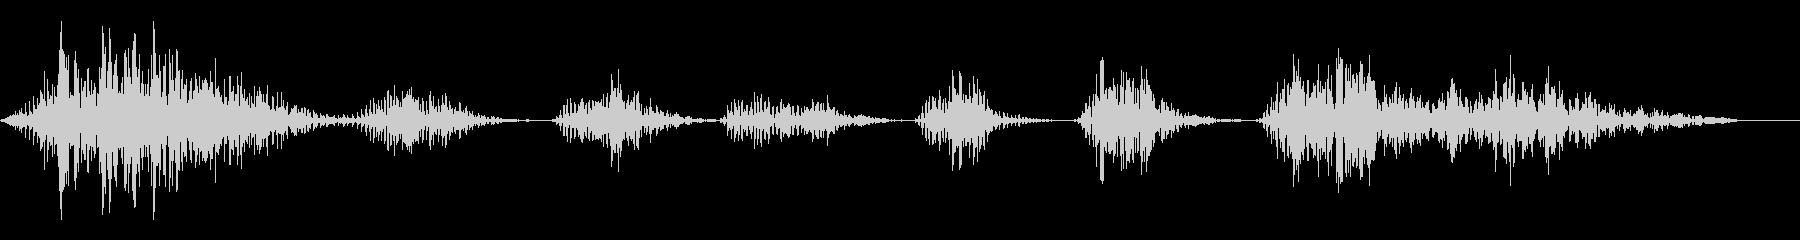 ワーハッハッハッハー3の未再生の波形